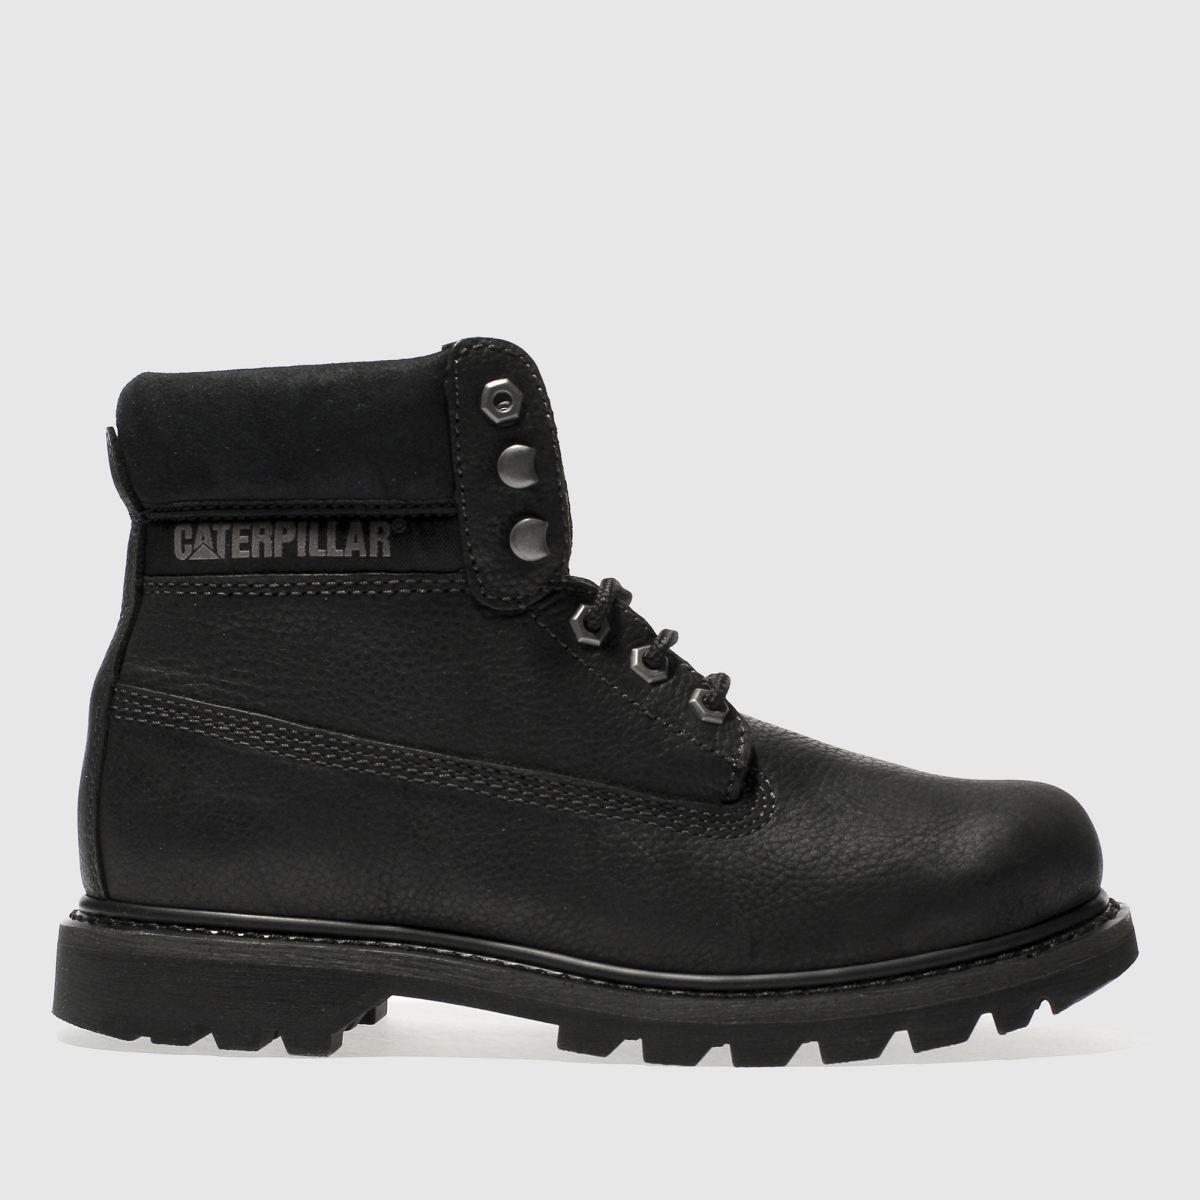 cat-footwear black colorado boots